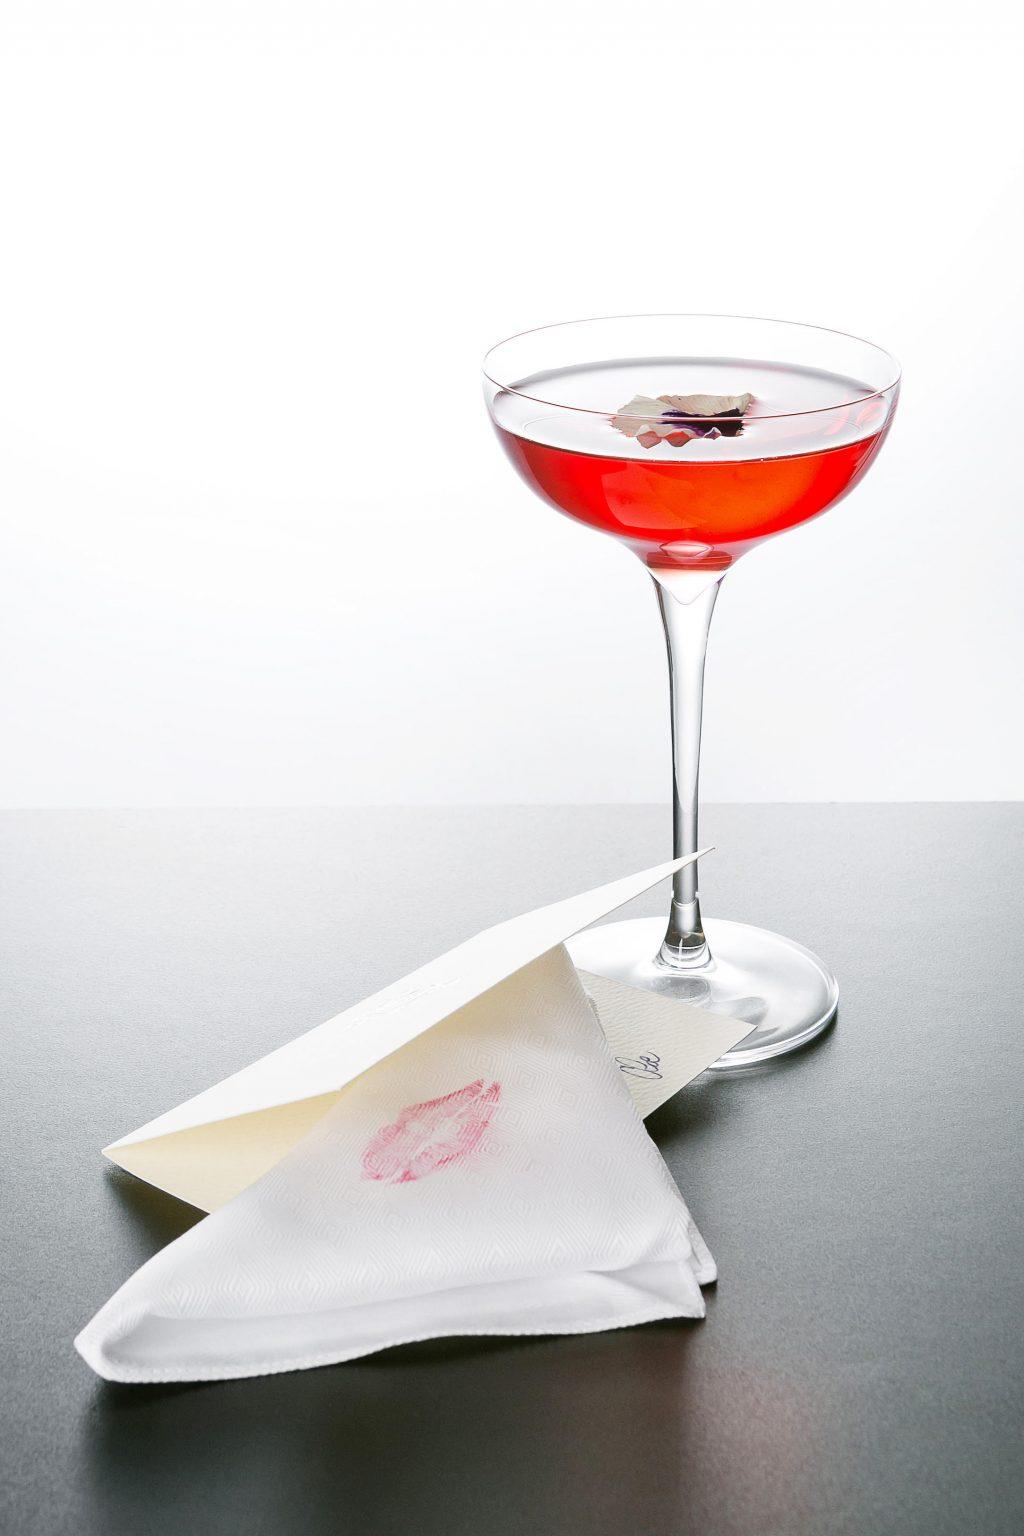 Cloe cocktail di Nicola Scarnero